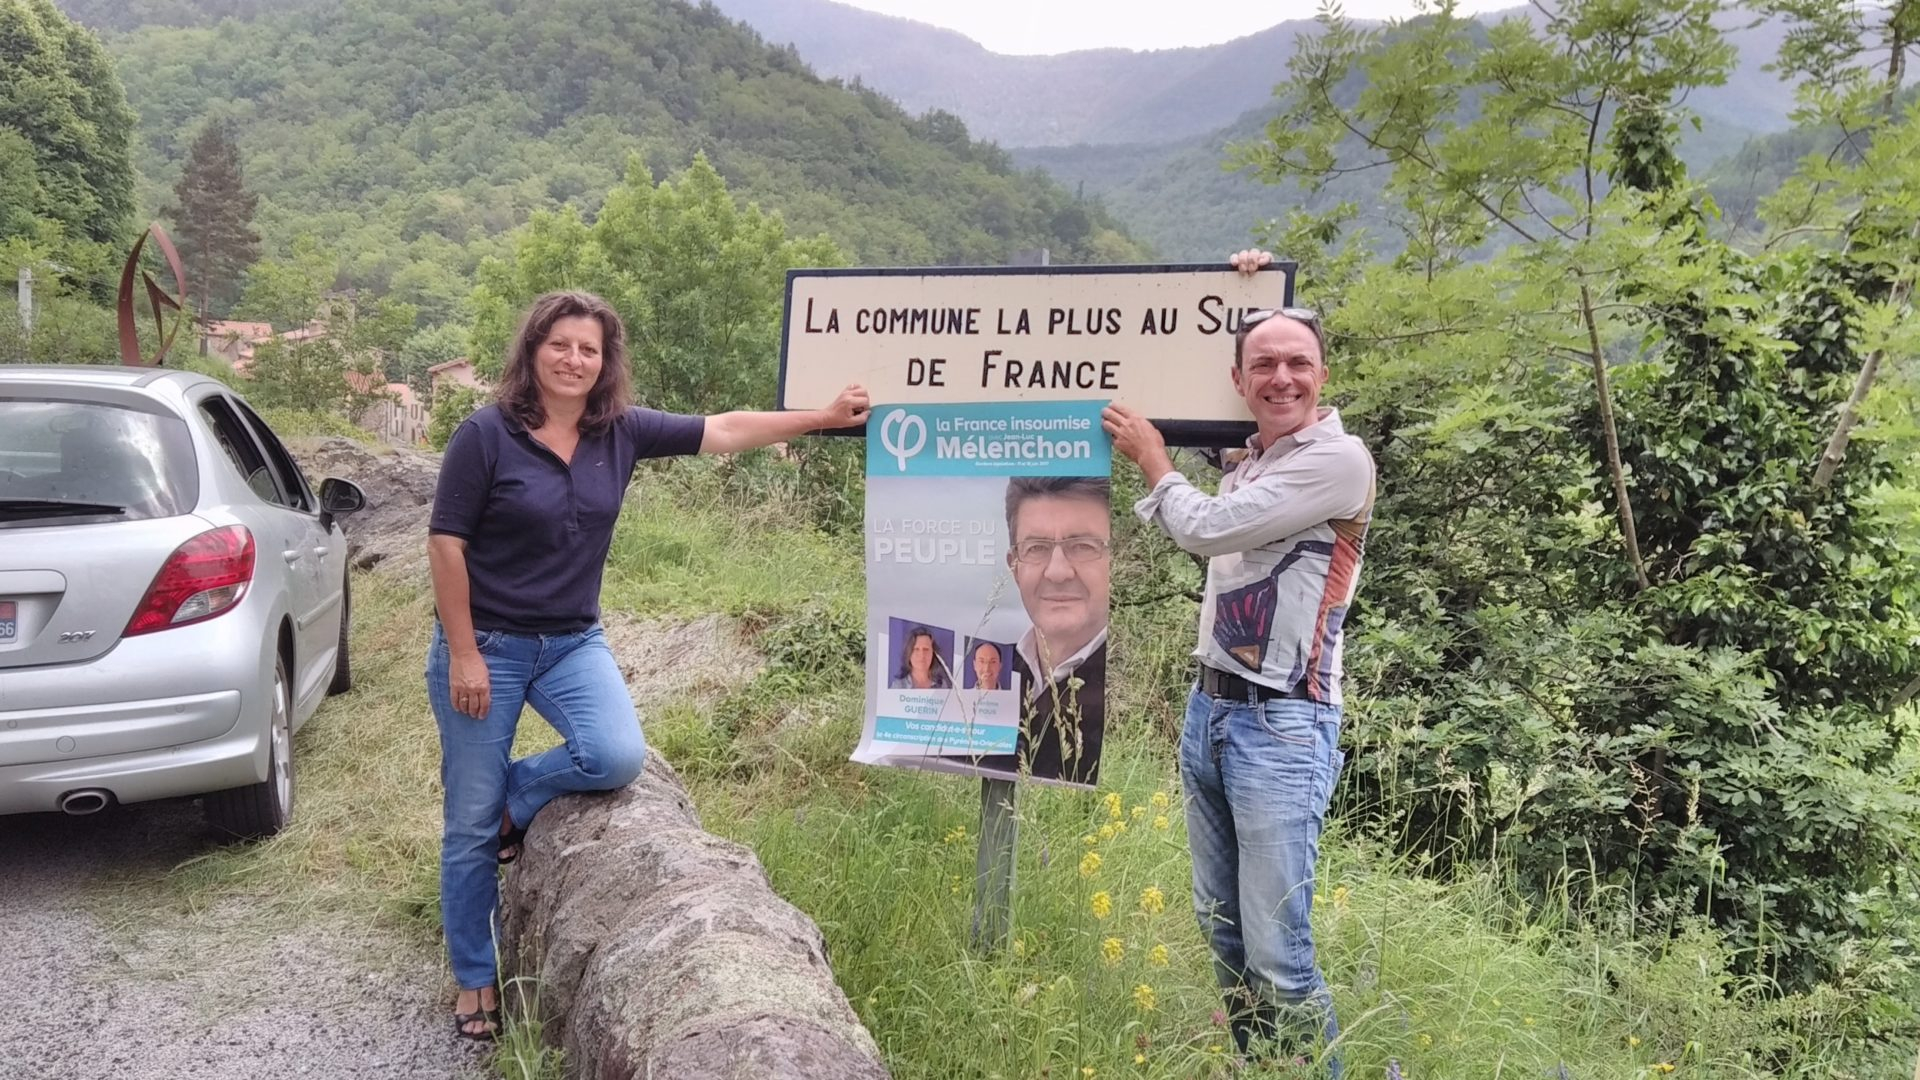 Les clarifications de la France Insoumise dans le Haut ...